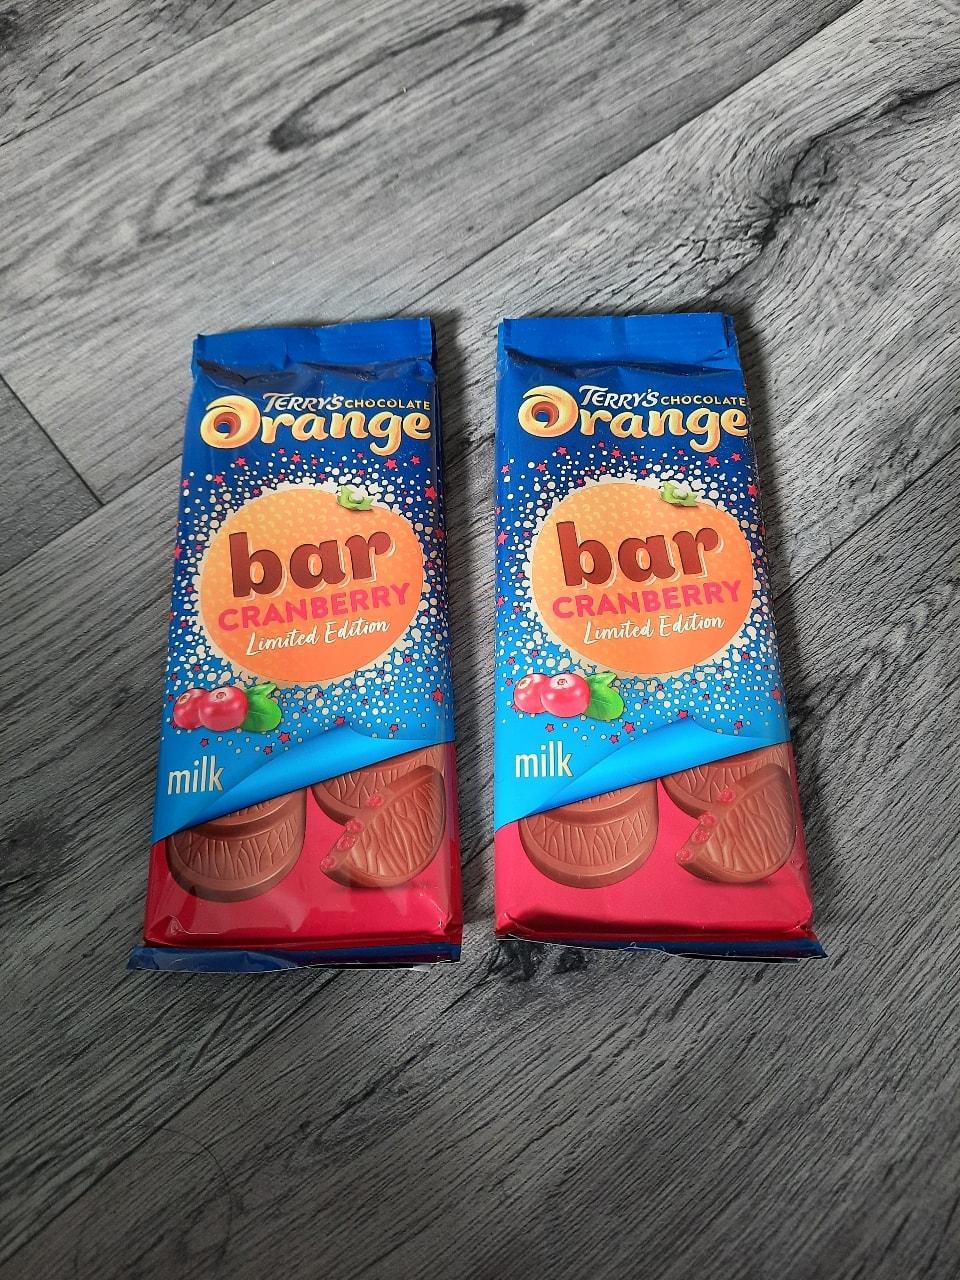 x2 Terry's Chocolate Orange Cranberry Bars